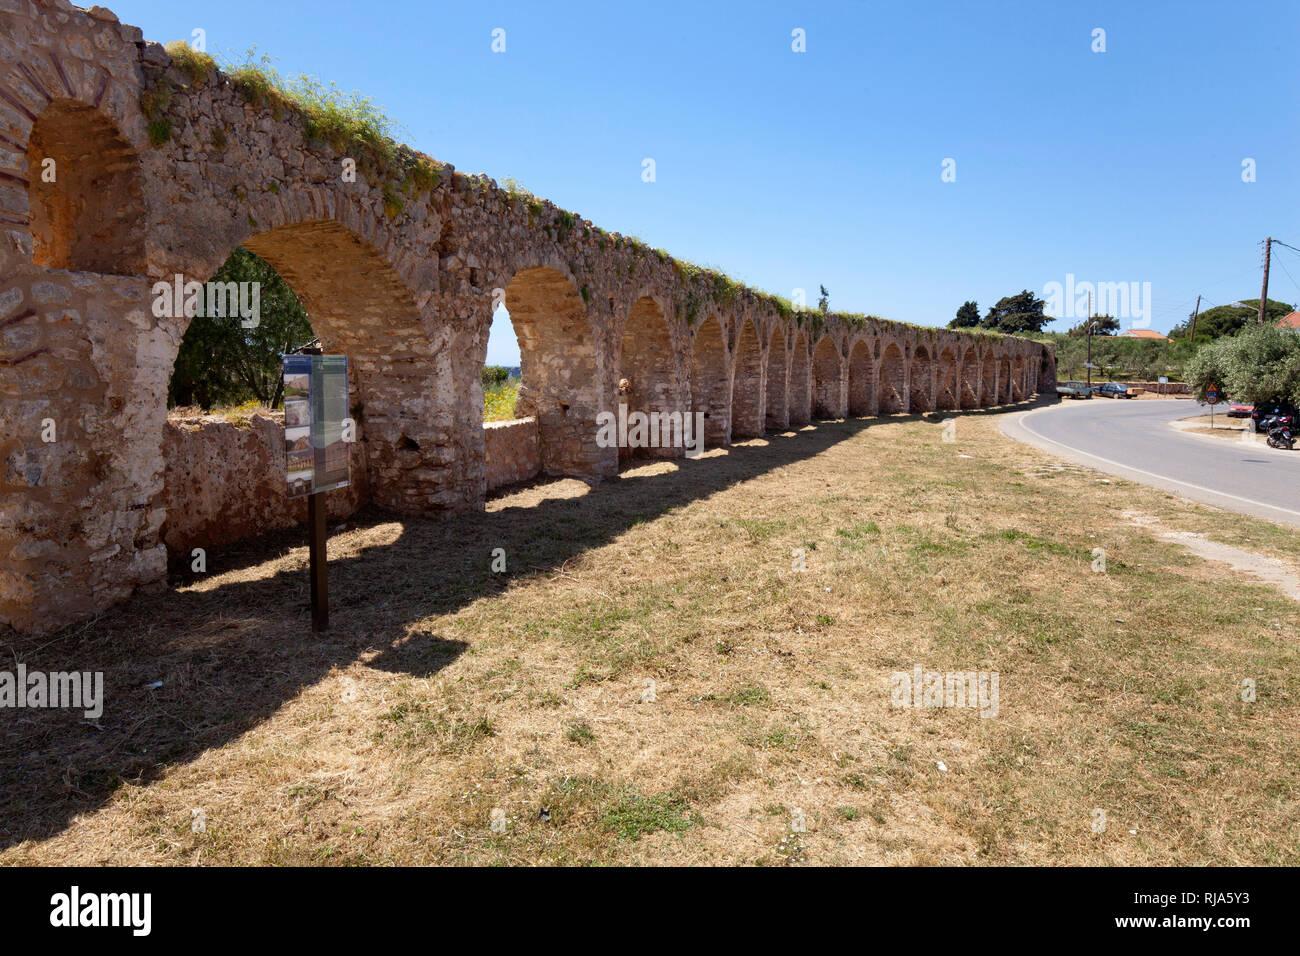 römisches Aquaedukt in Pilos in Griechenland - Stock Image